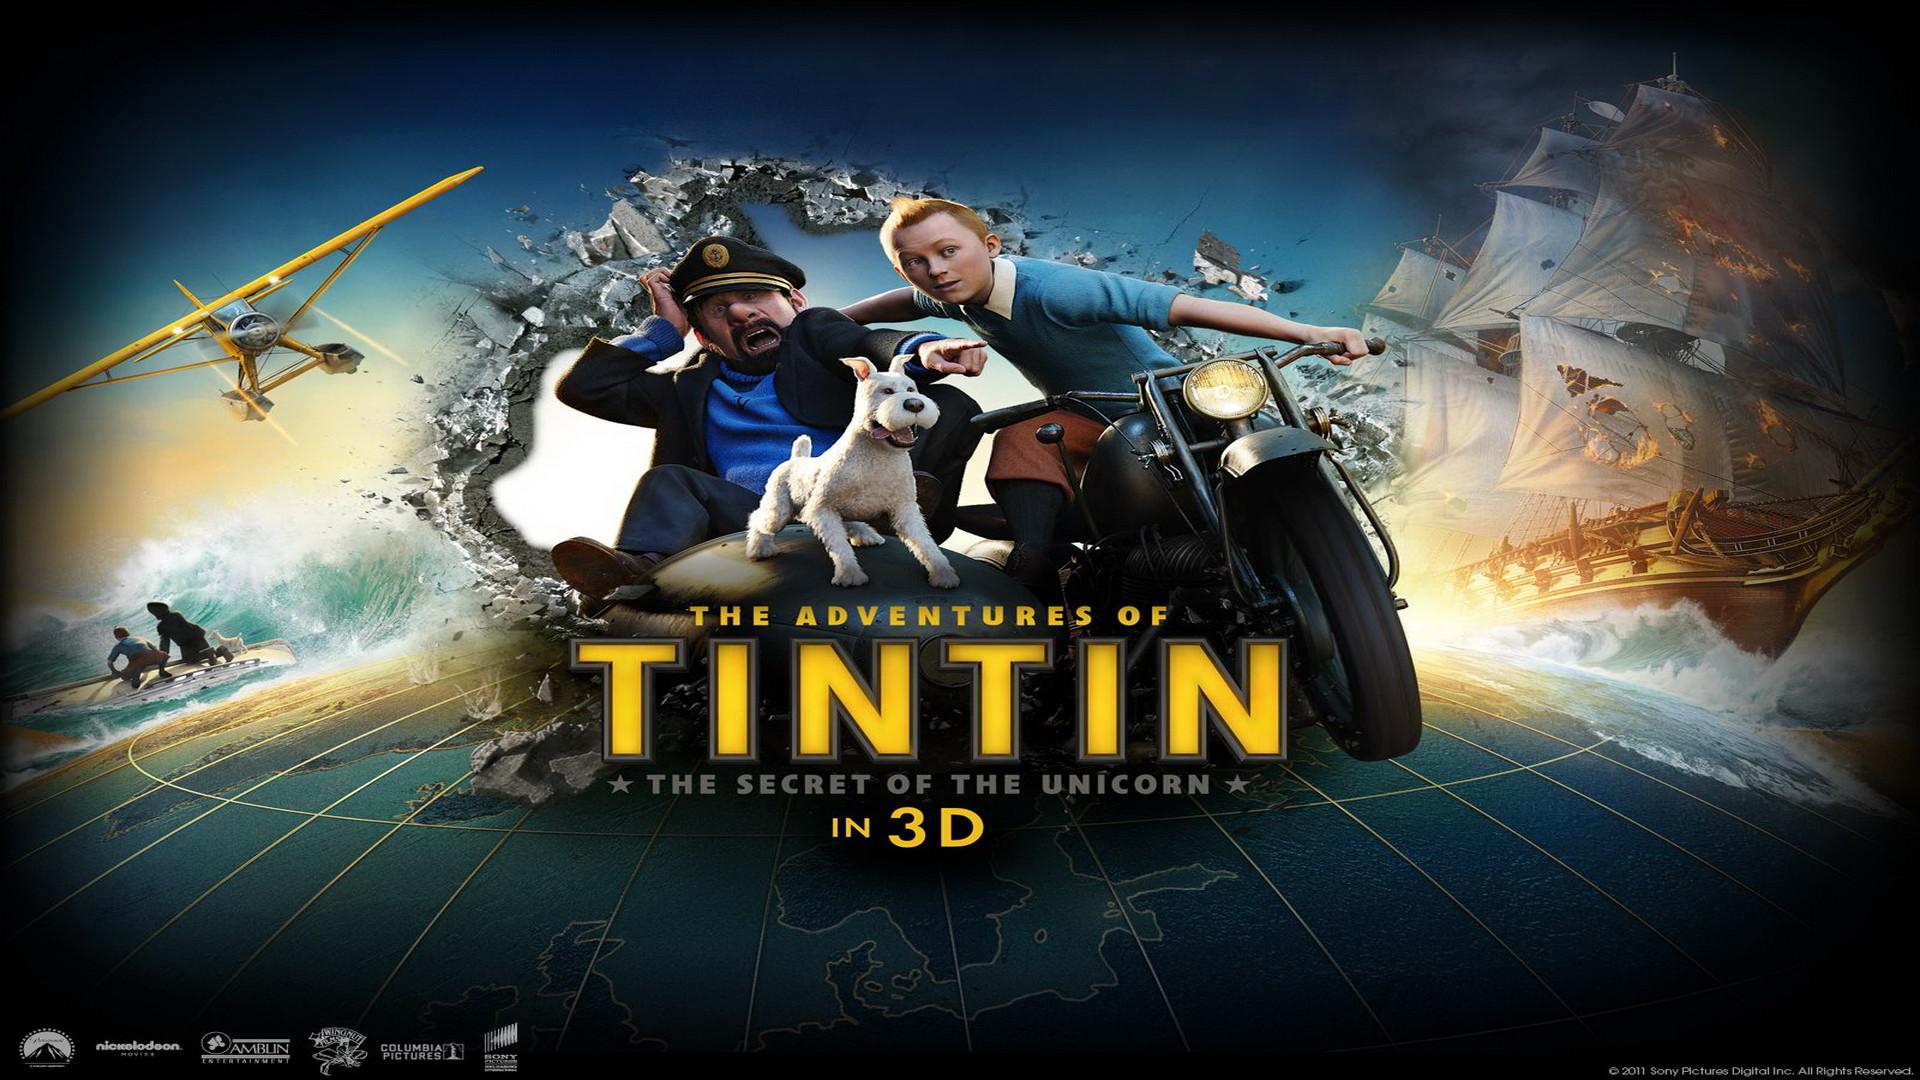 tin tin wallpaper (64+ images)